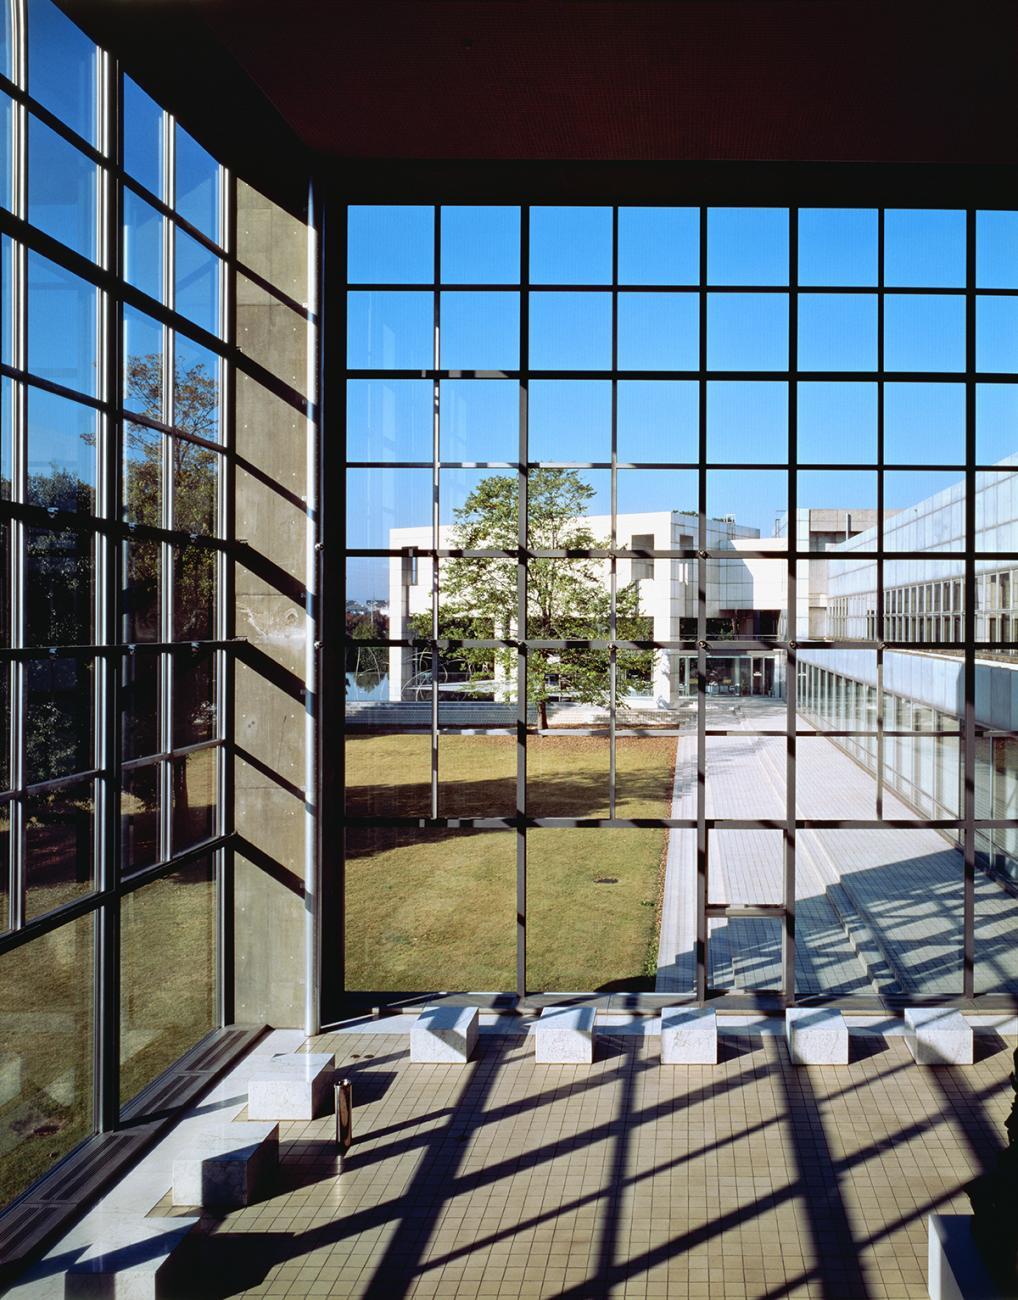 MOMA Gunma, photo courtesy of Yasuhiro Ishimoto